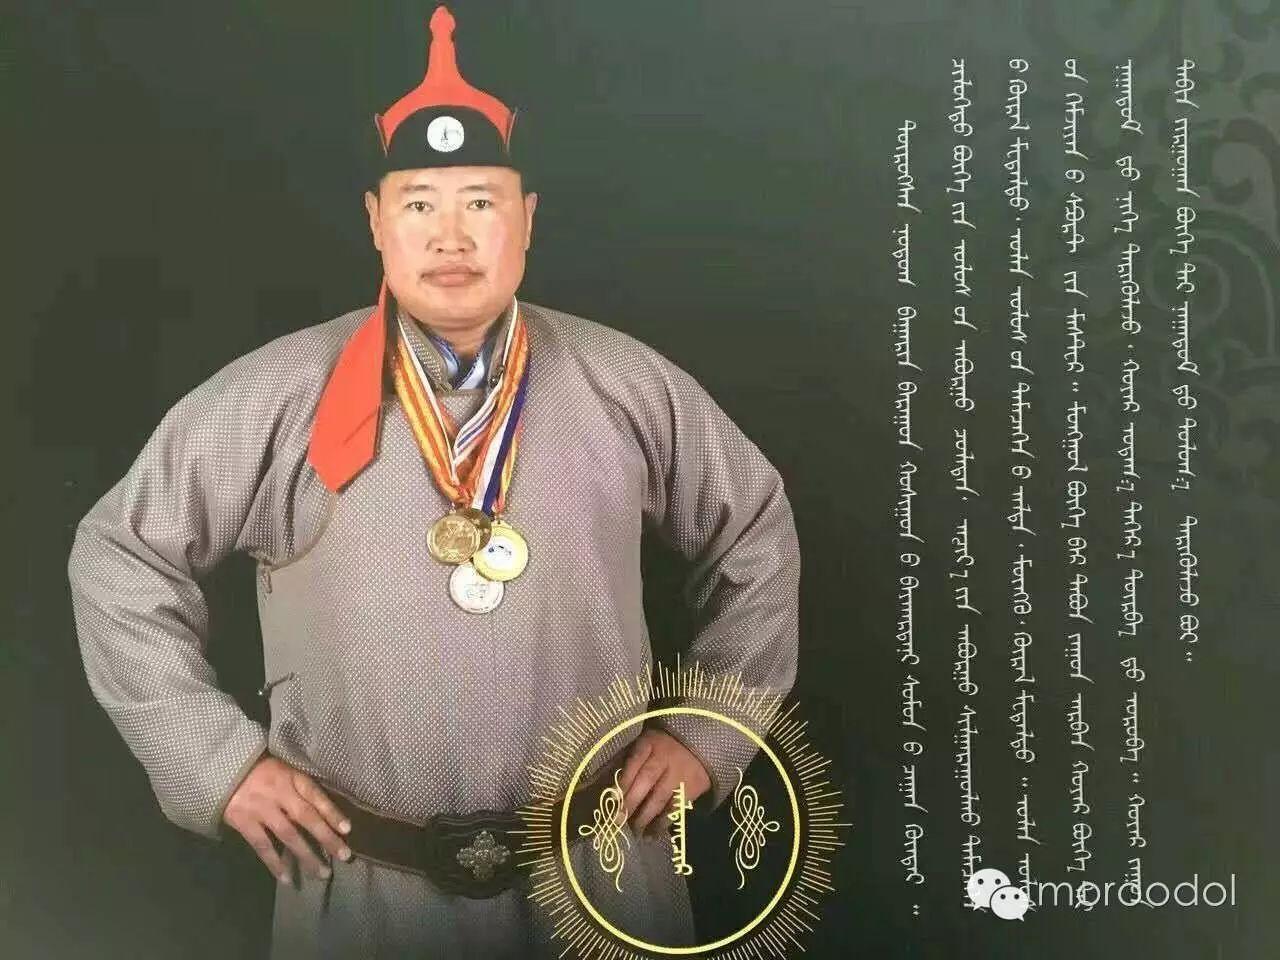 卐【蒙古博克】赤峰著名摔跤手及他们的战绩(图片) 第3张 卐【蒙古博克】赤峰著名摔跤手及他们的战绩(图片) 蒙古文化